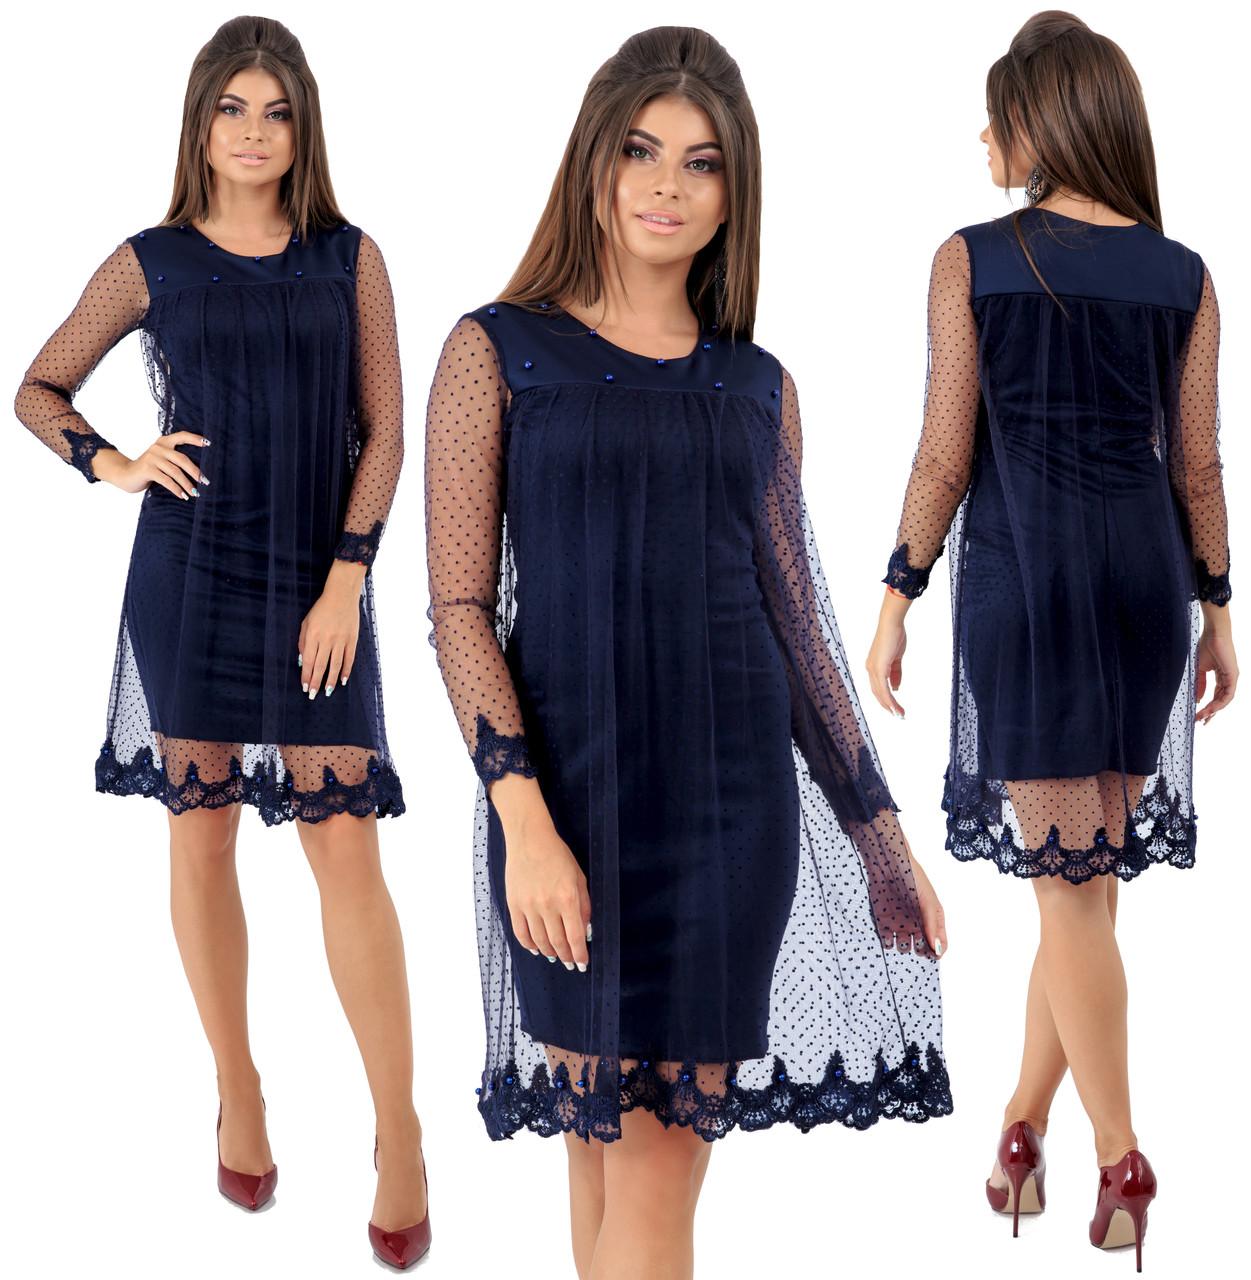 Платье  верхняя часть сетка в горошек с кружевом   / 4 цвета арт 6552-92